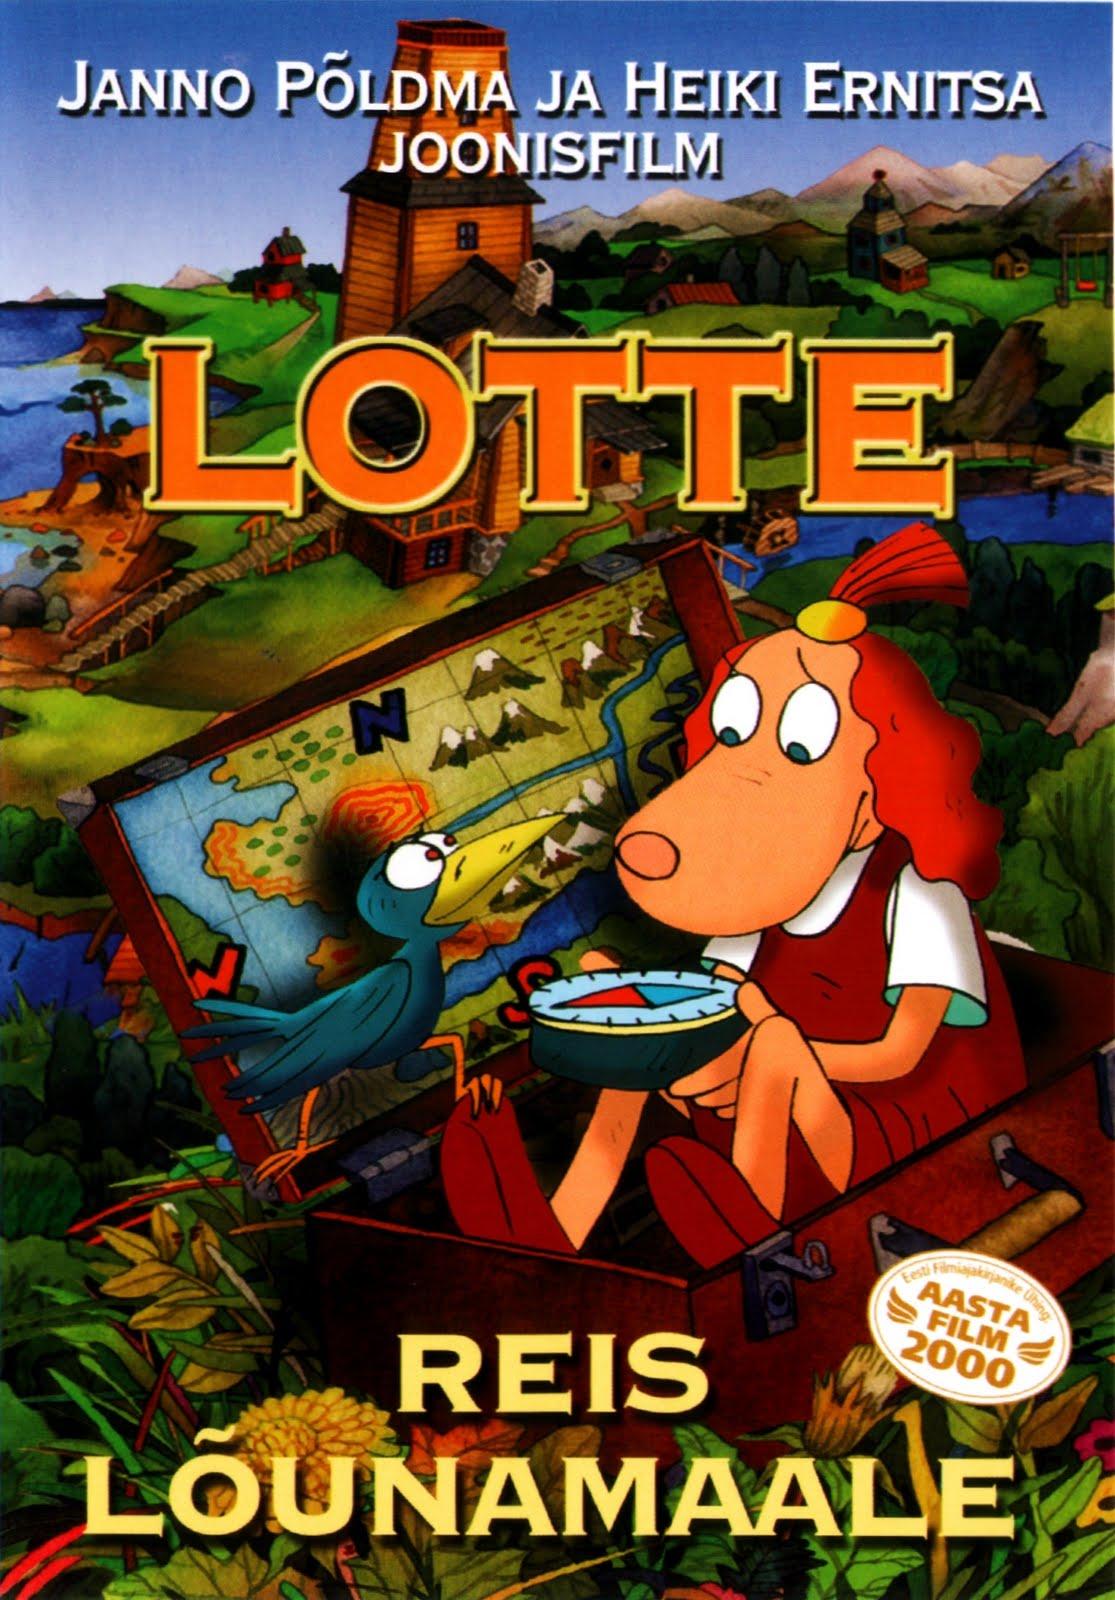 Lotte reis lõunamaale (Video 2000) - IMDb